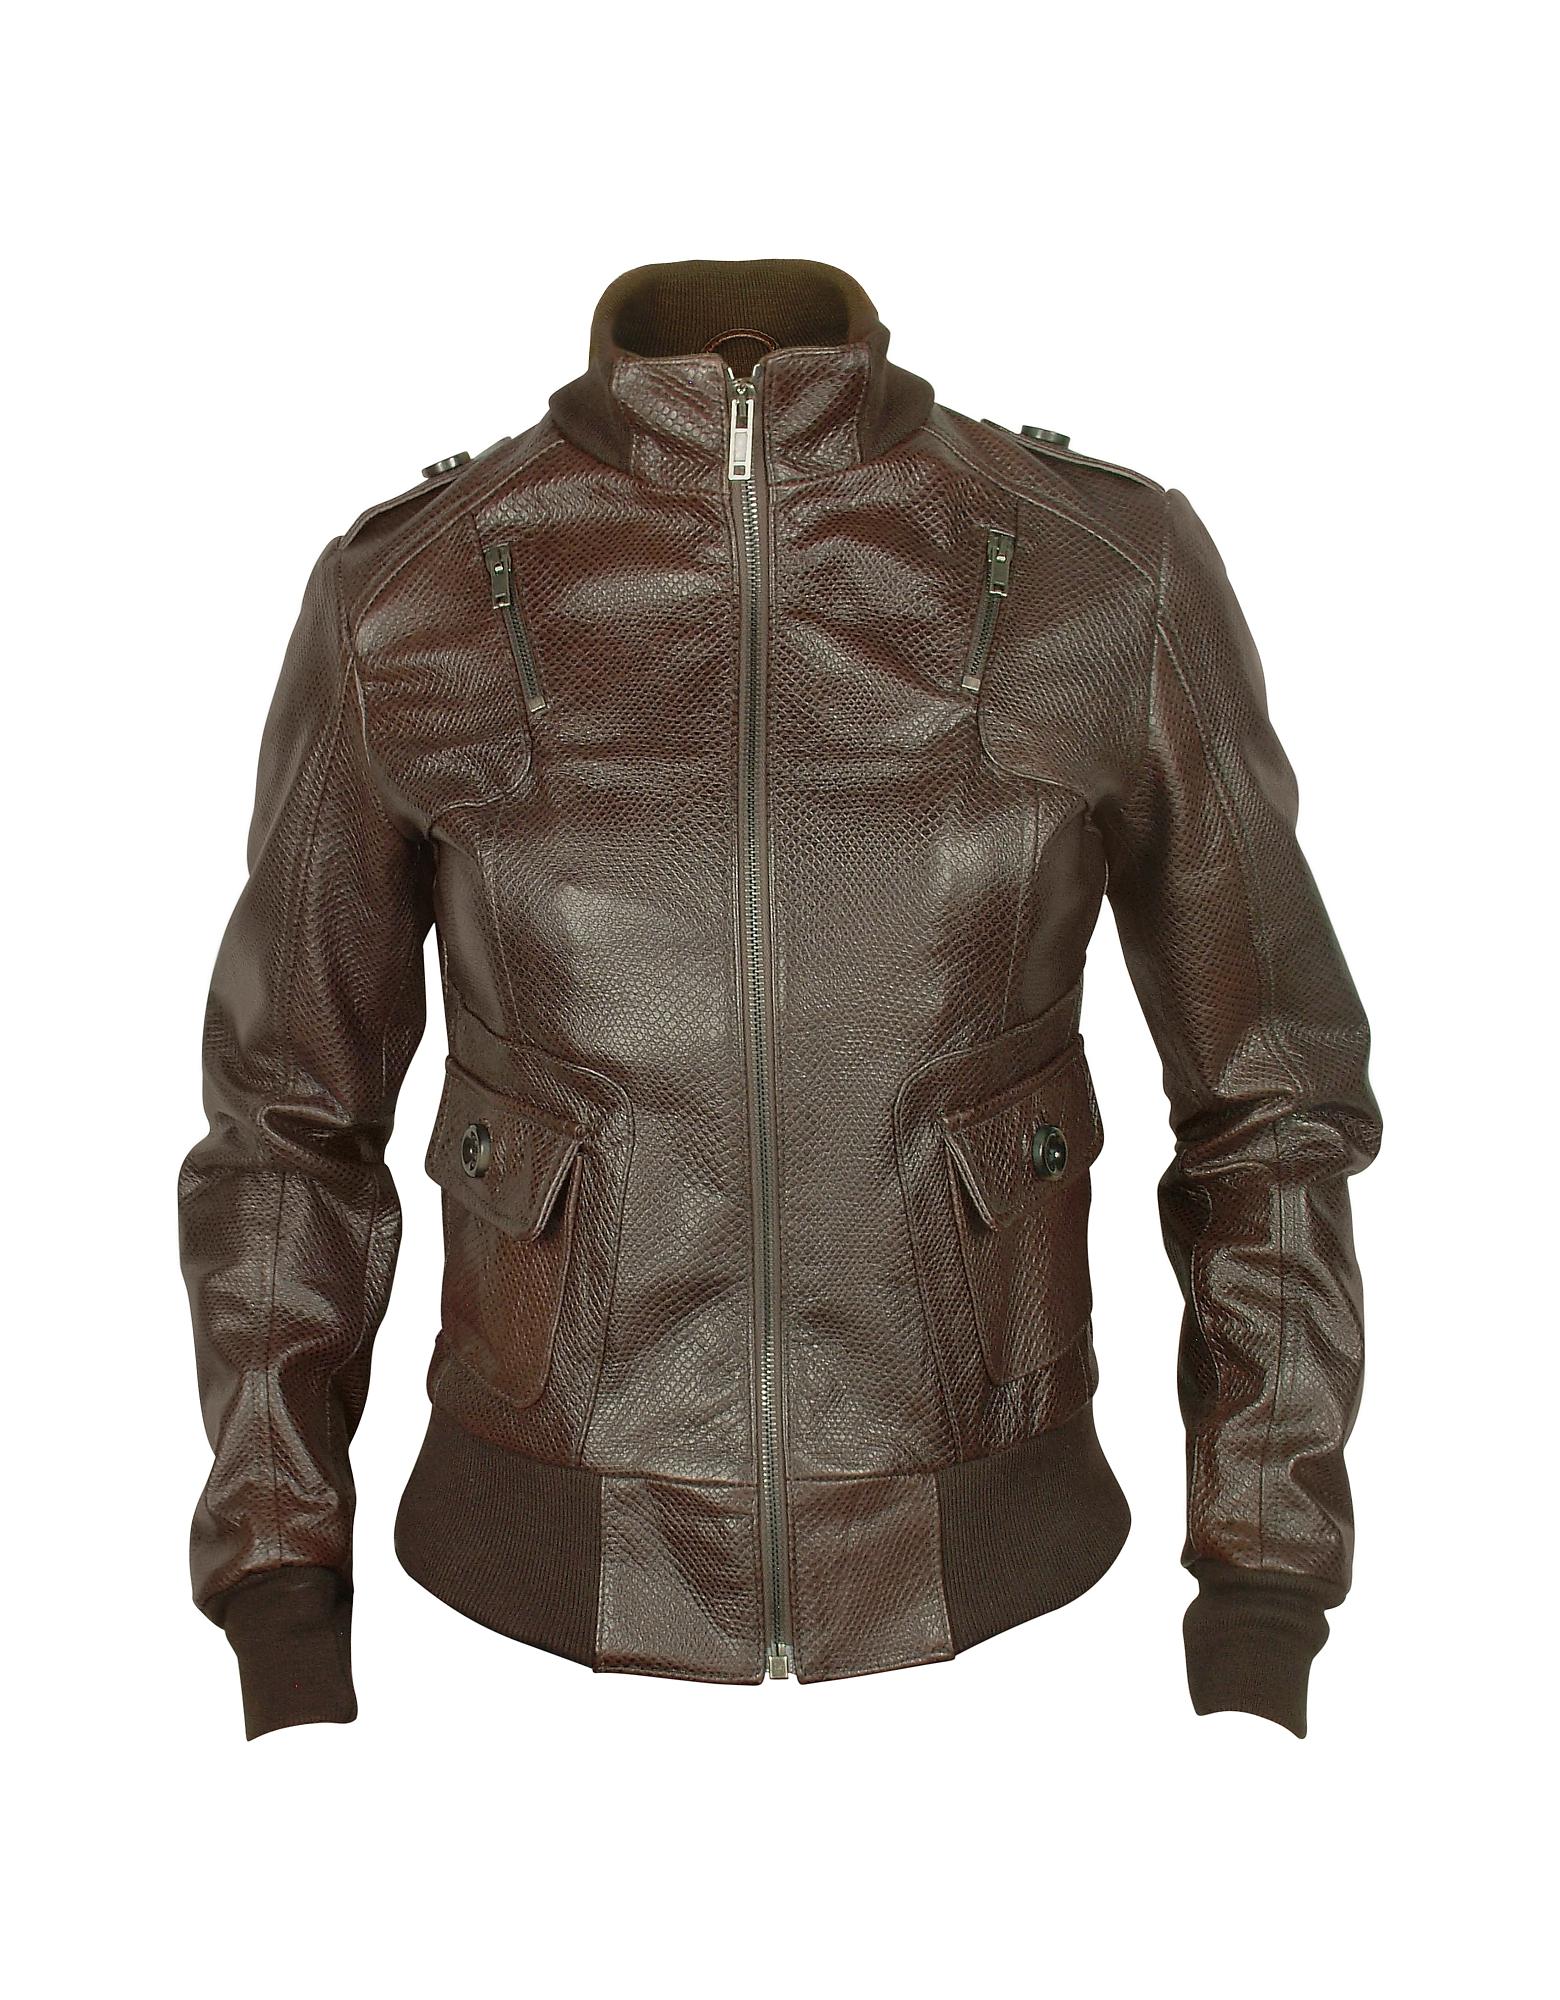 Темно-коричневая Женская Куртка из Натуральной Кожи с Принтом под Ящерицу